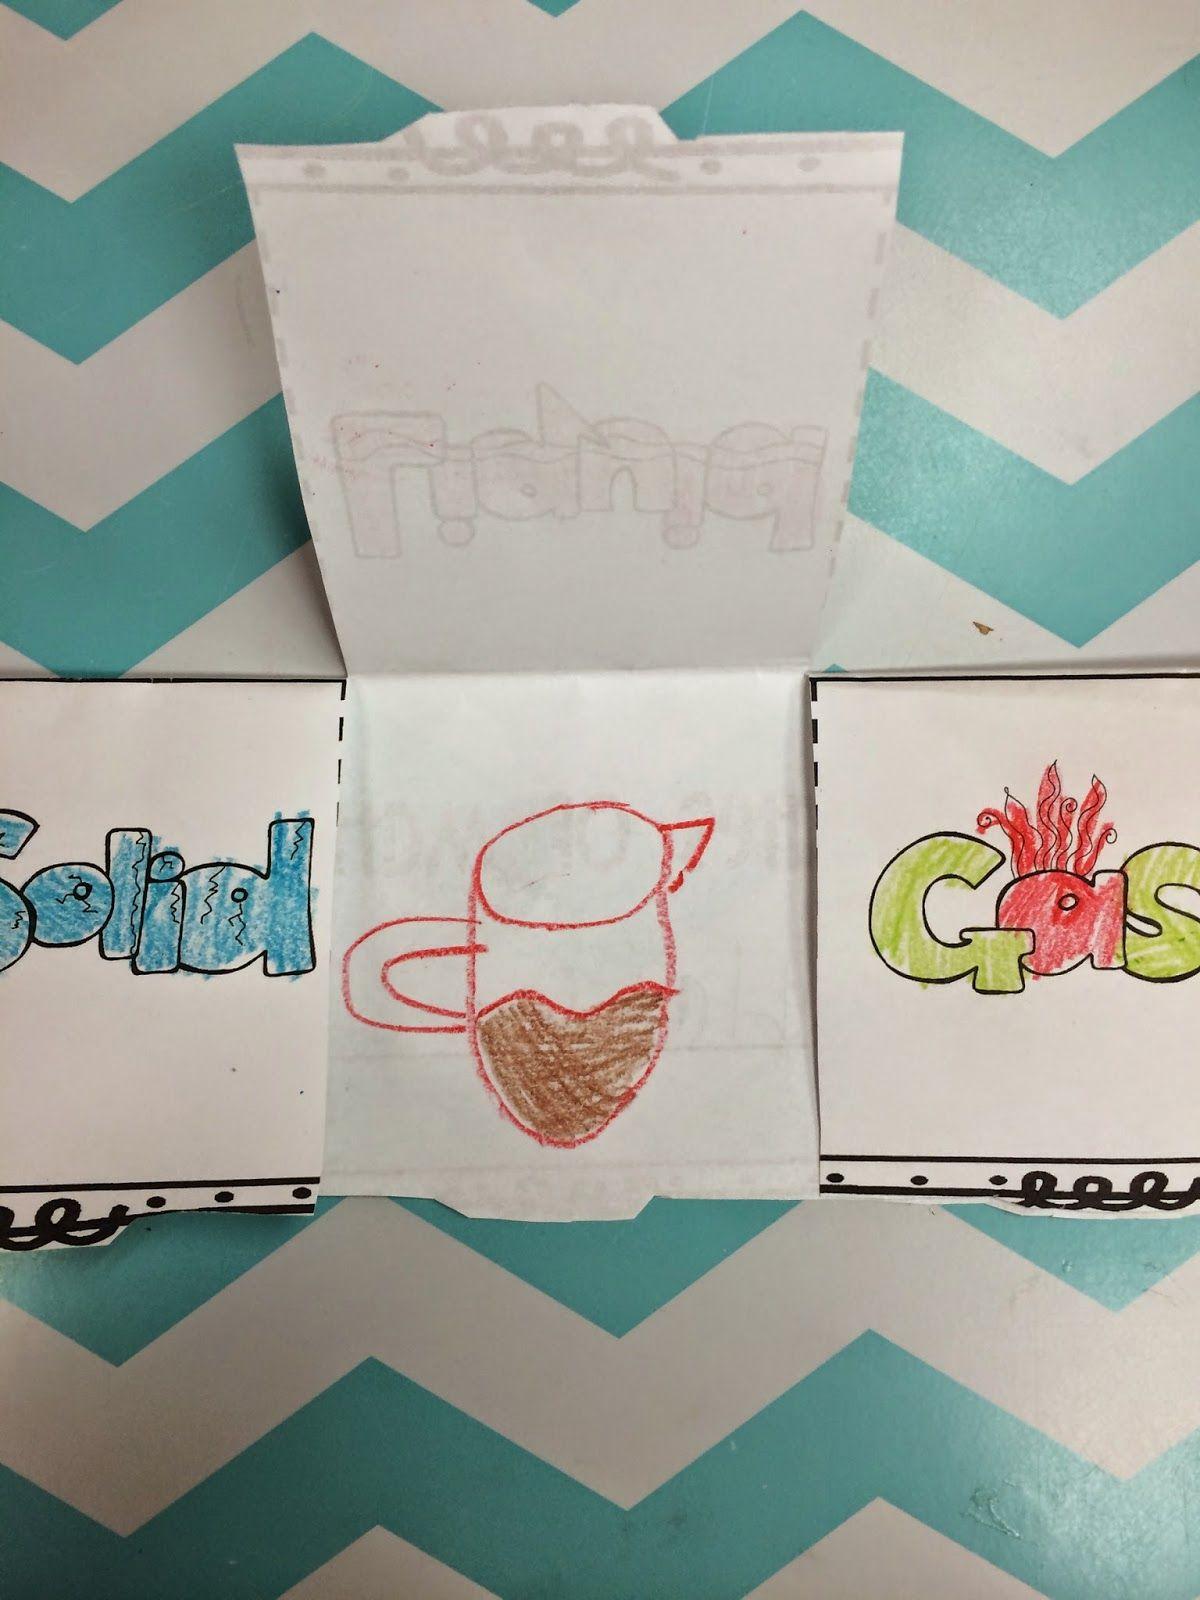 Solid Liquid Gas Science Kindergarten